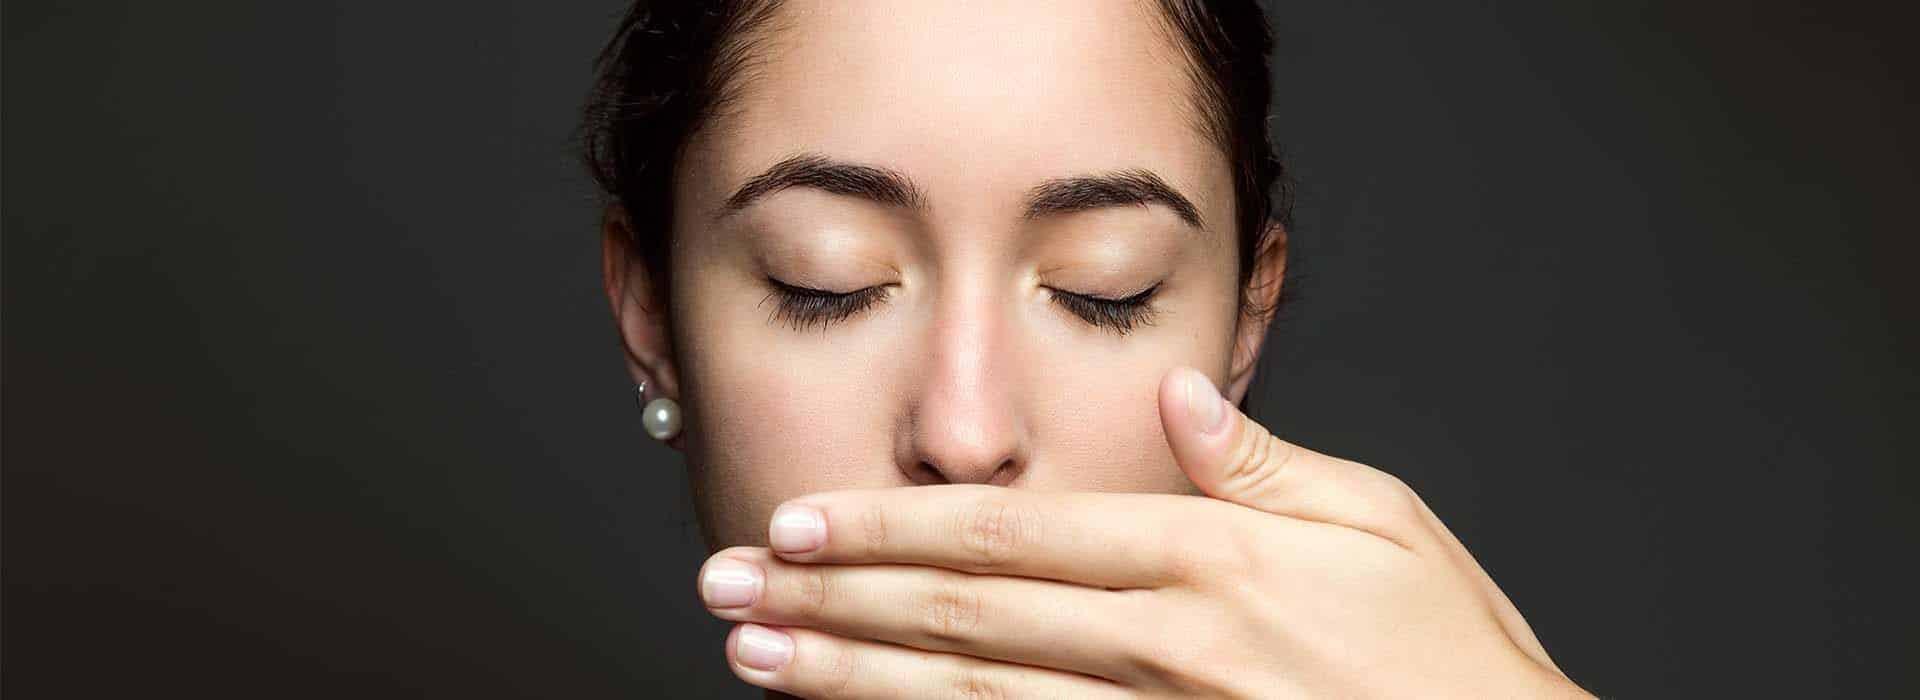 Septorinoplastia: Corrige la forma y función de la nariz